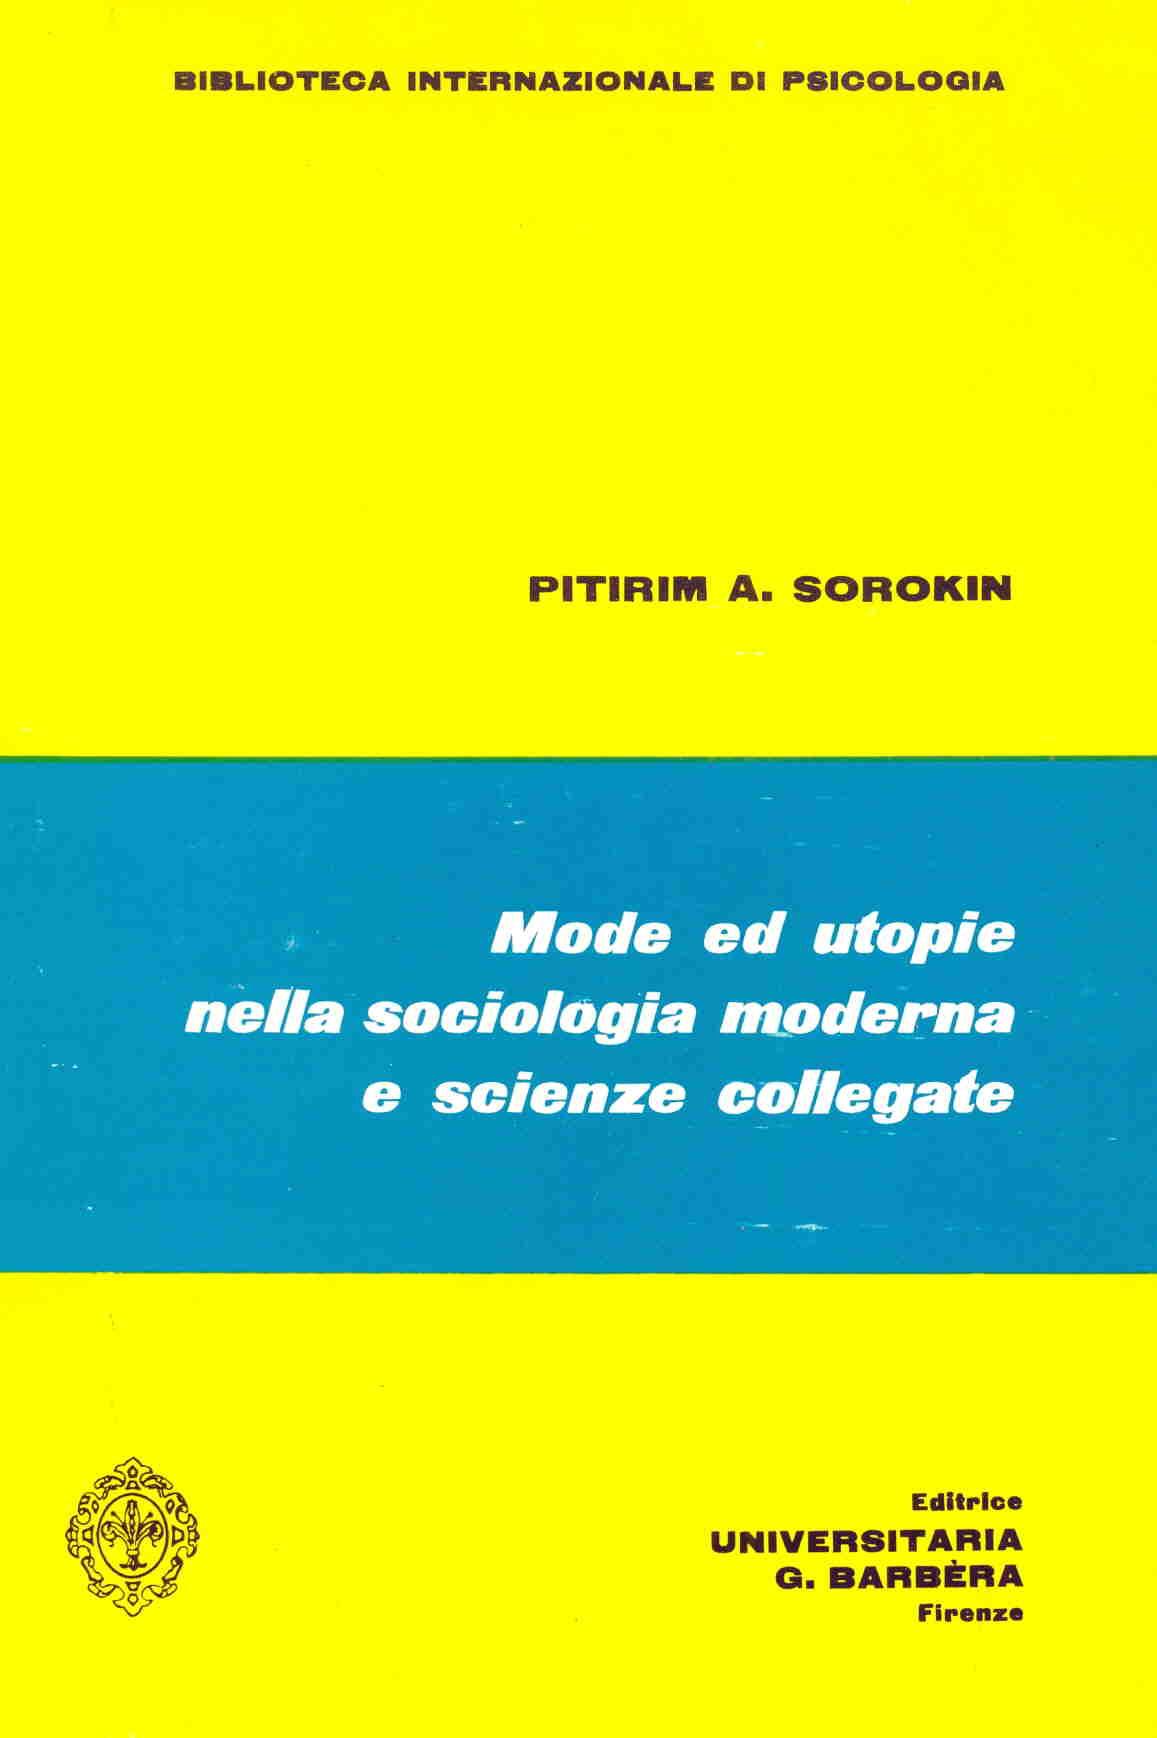 Mode ed utopie nella sociologia moderna e scienze collegate